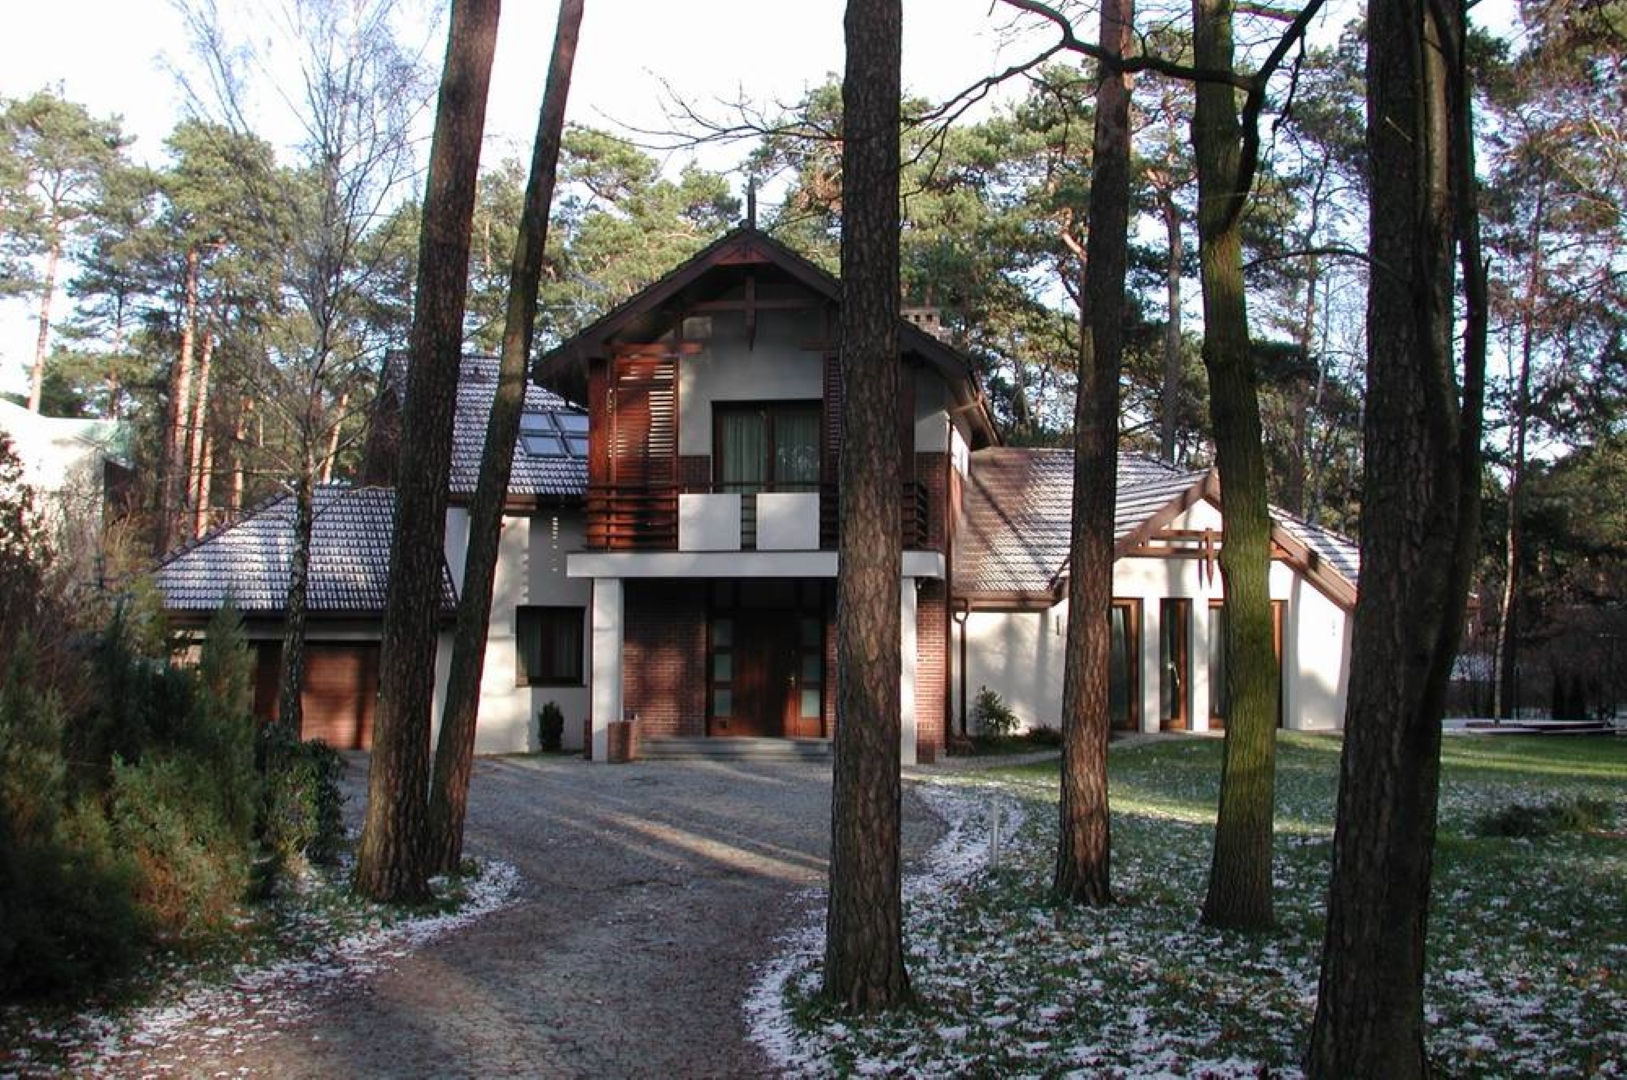 Dom prywatny jednorodzinny